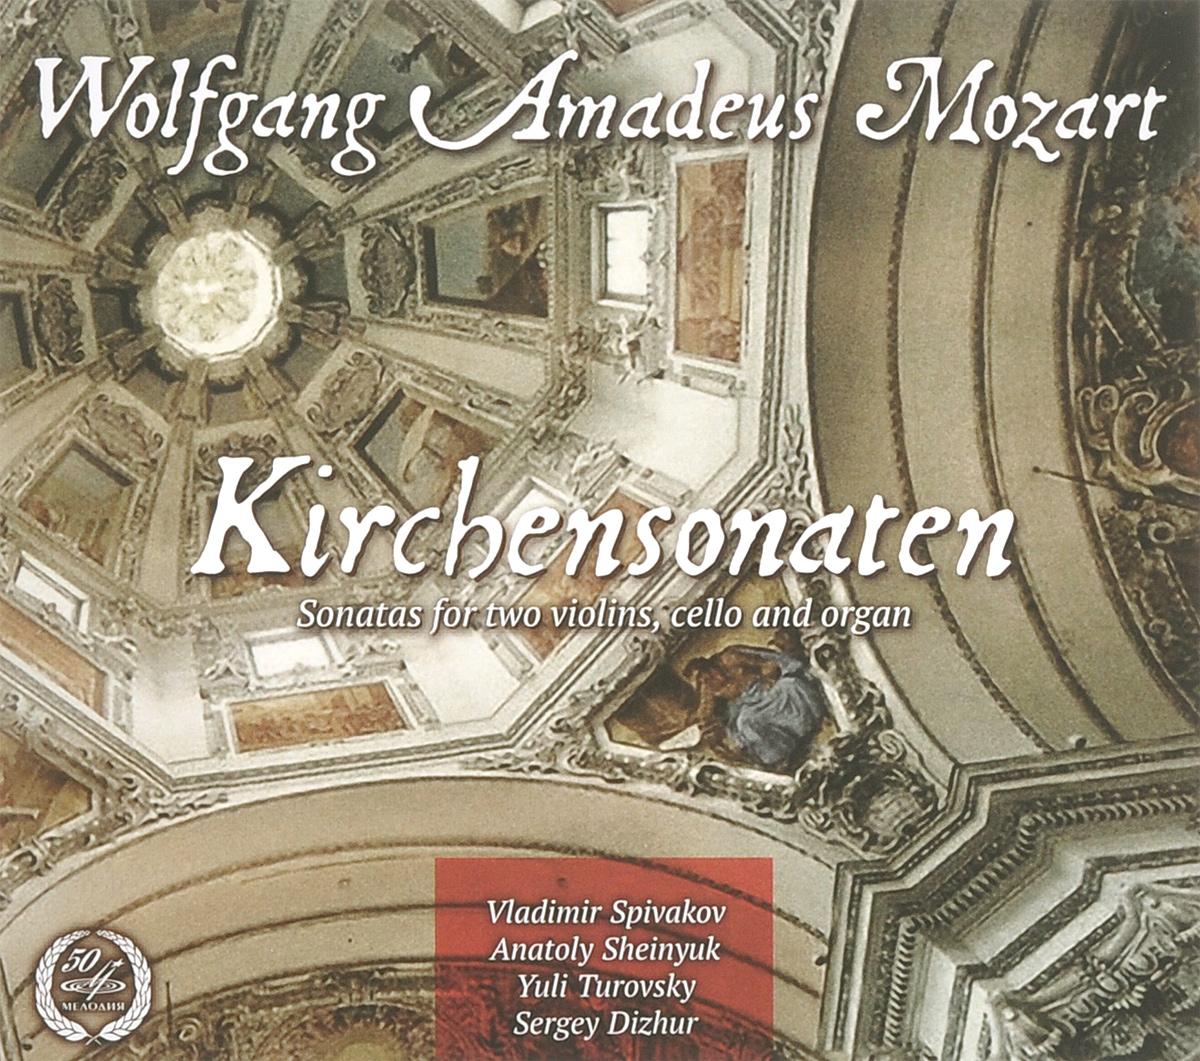 Издание содержит 12-страничный буклет с дополнительной информацией на русском, английском и французском языках.